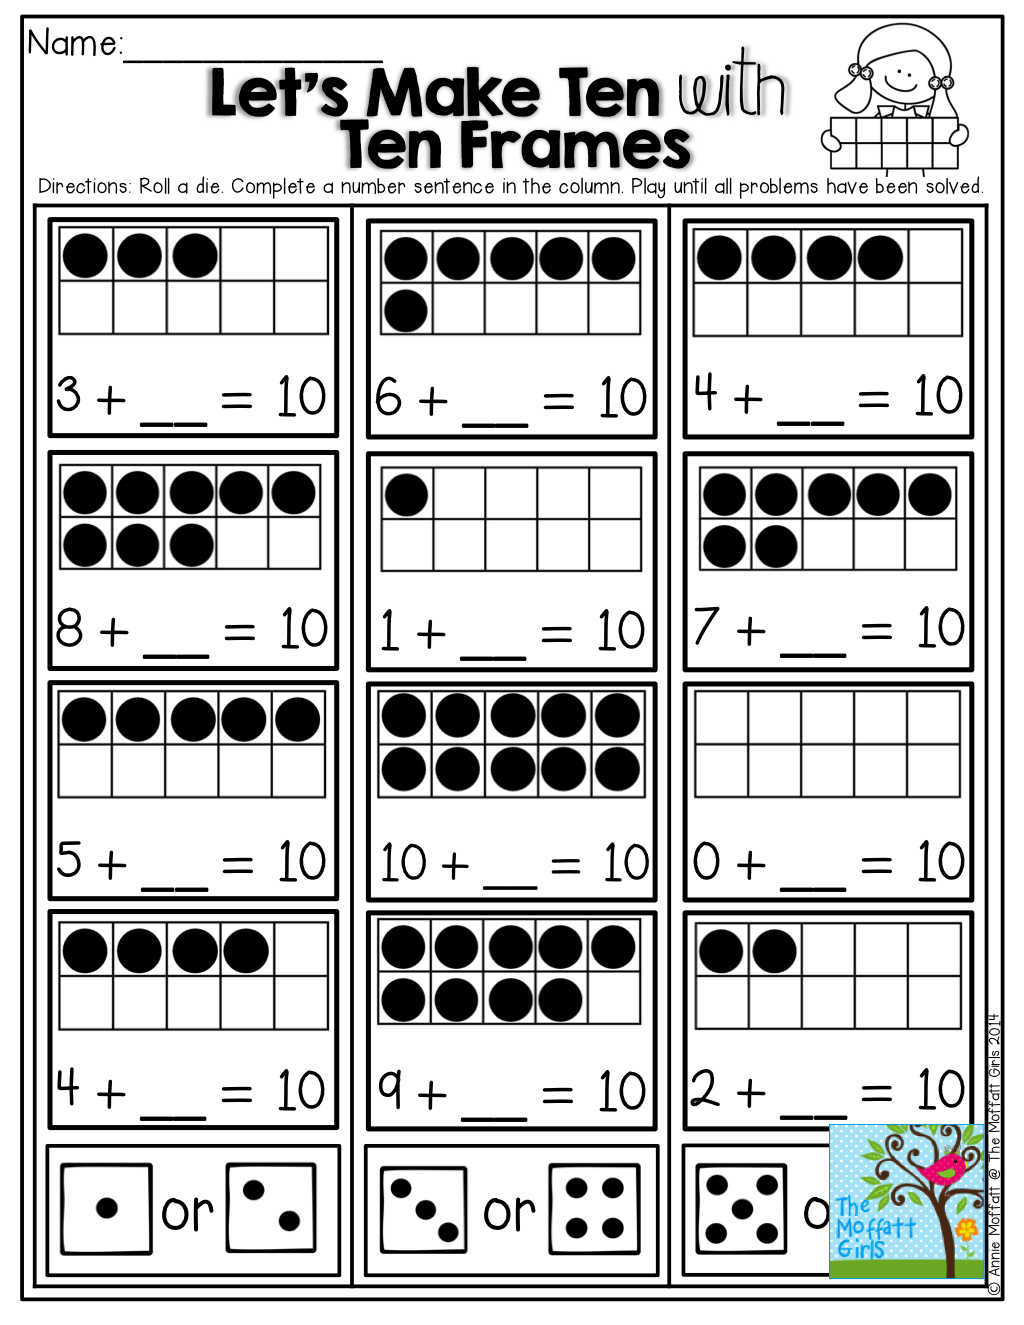 Let's Make TEN! TONS of FUN [ 1325 x 1024 Pixel ]